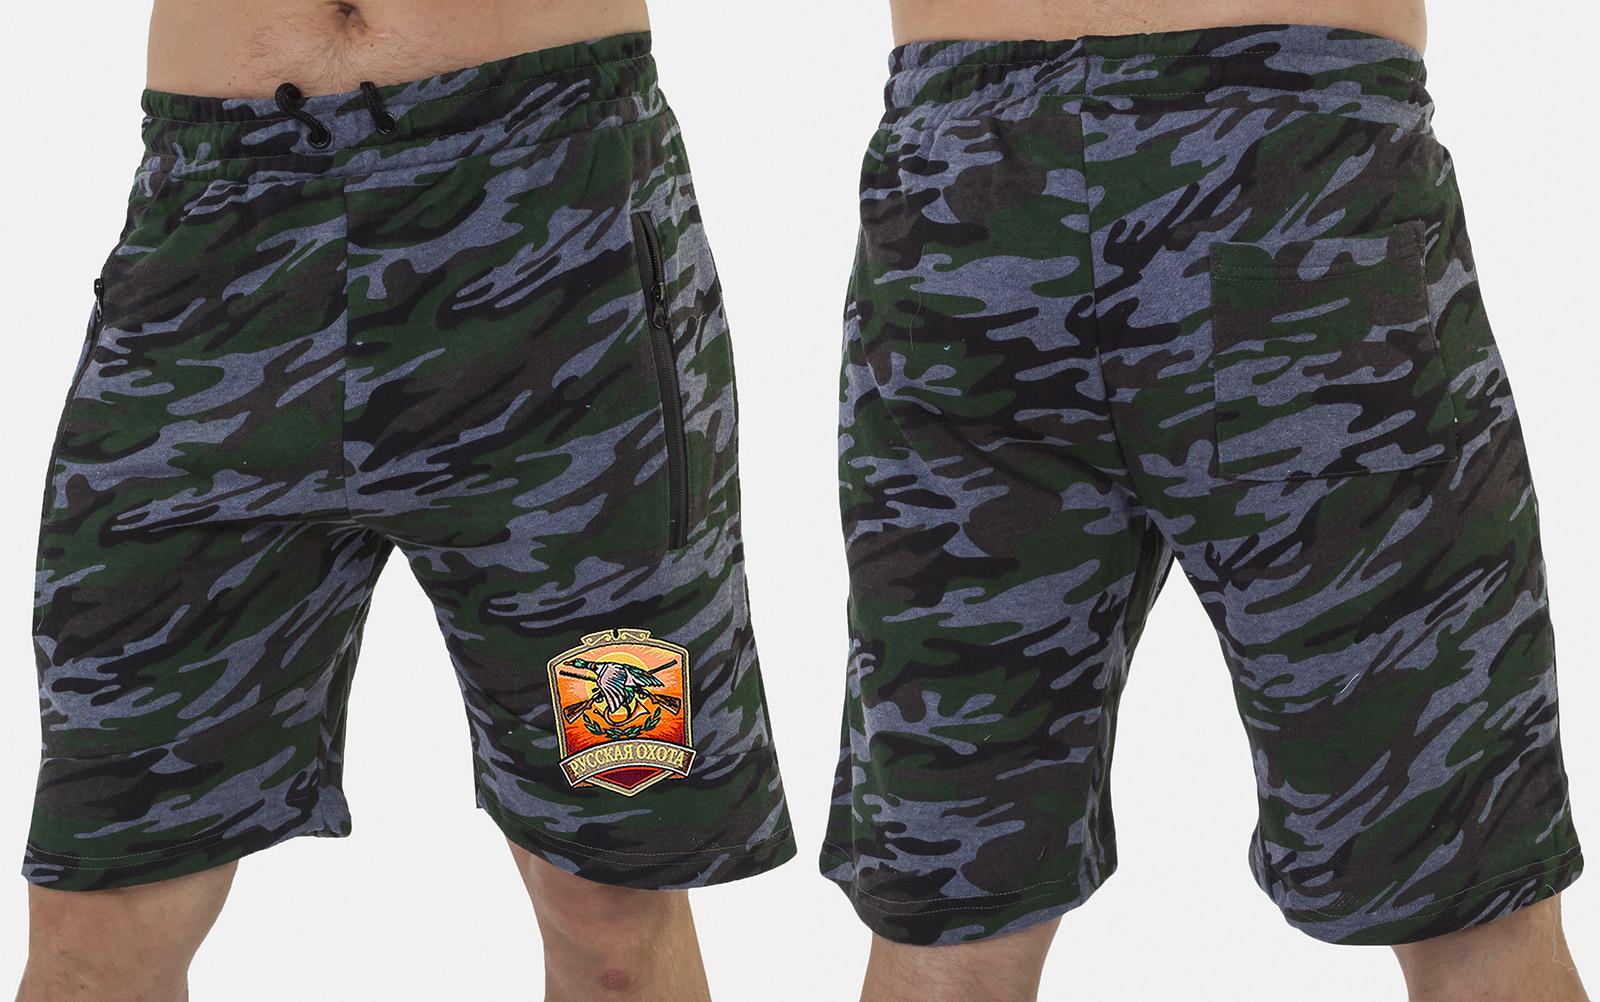 Удобные камуфляжные шорты с нашивкой Русская Охота - заказать в розницу